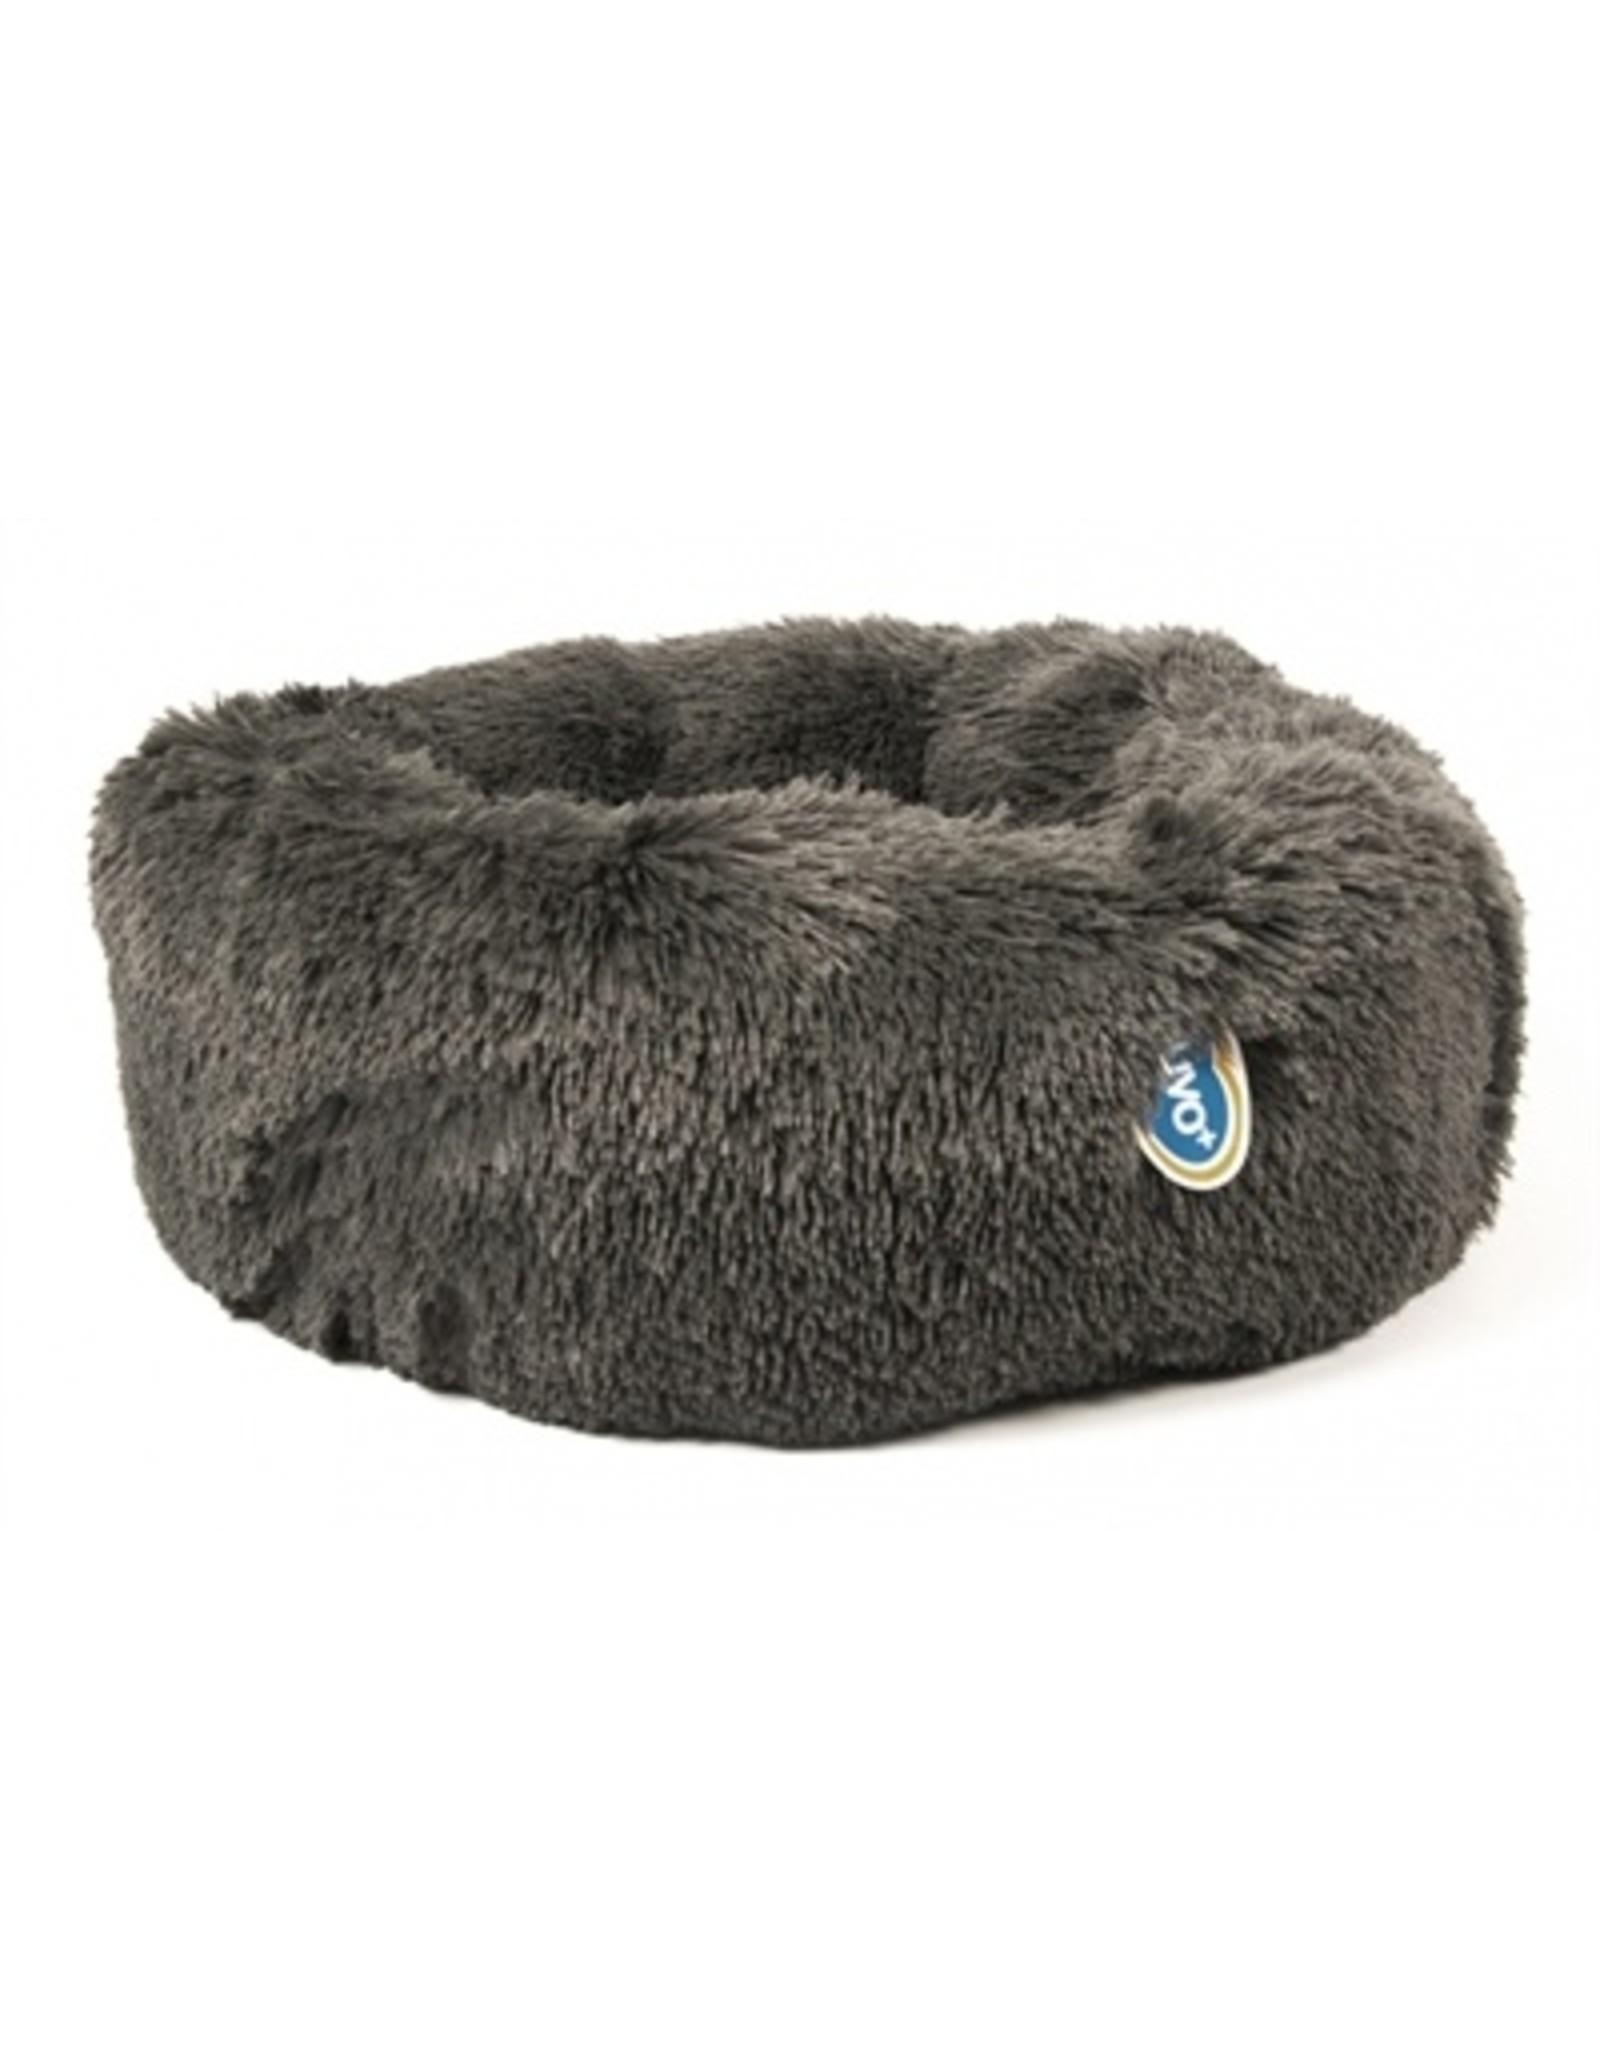 Duvo+ Duvo+ hondenmand donut met lang haar grijs